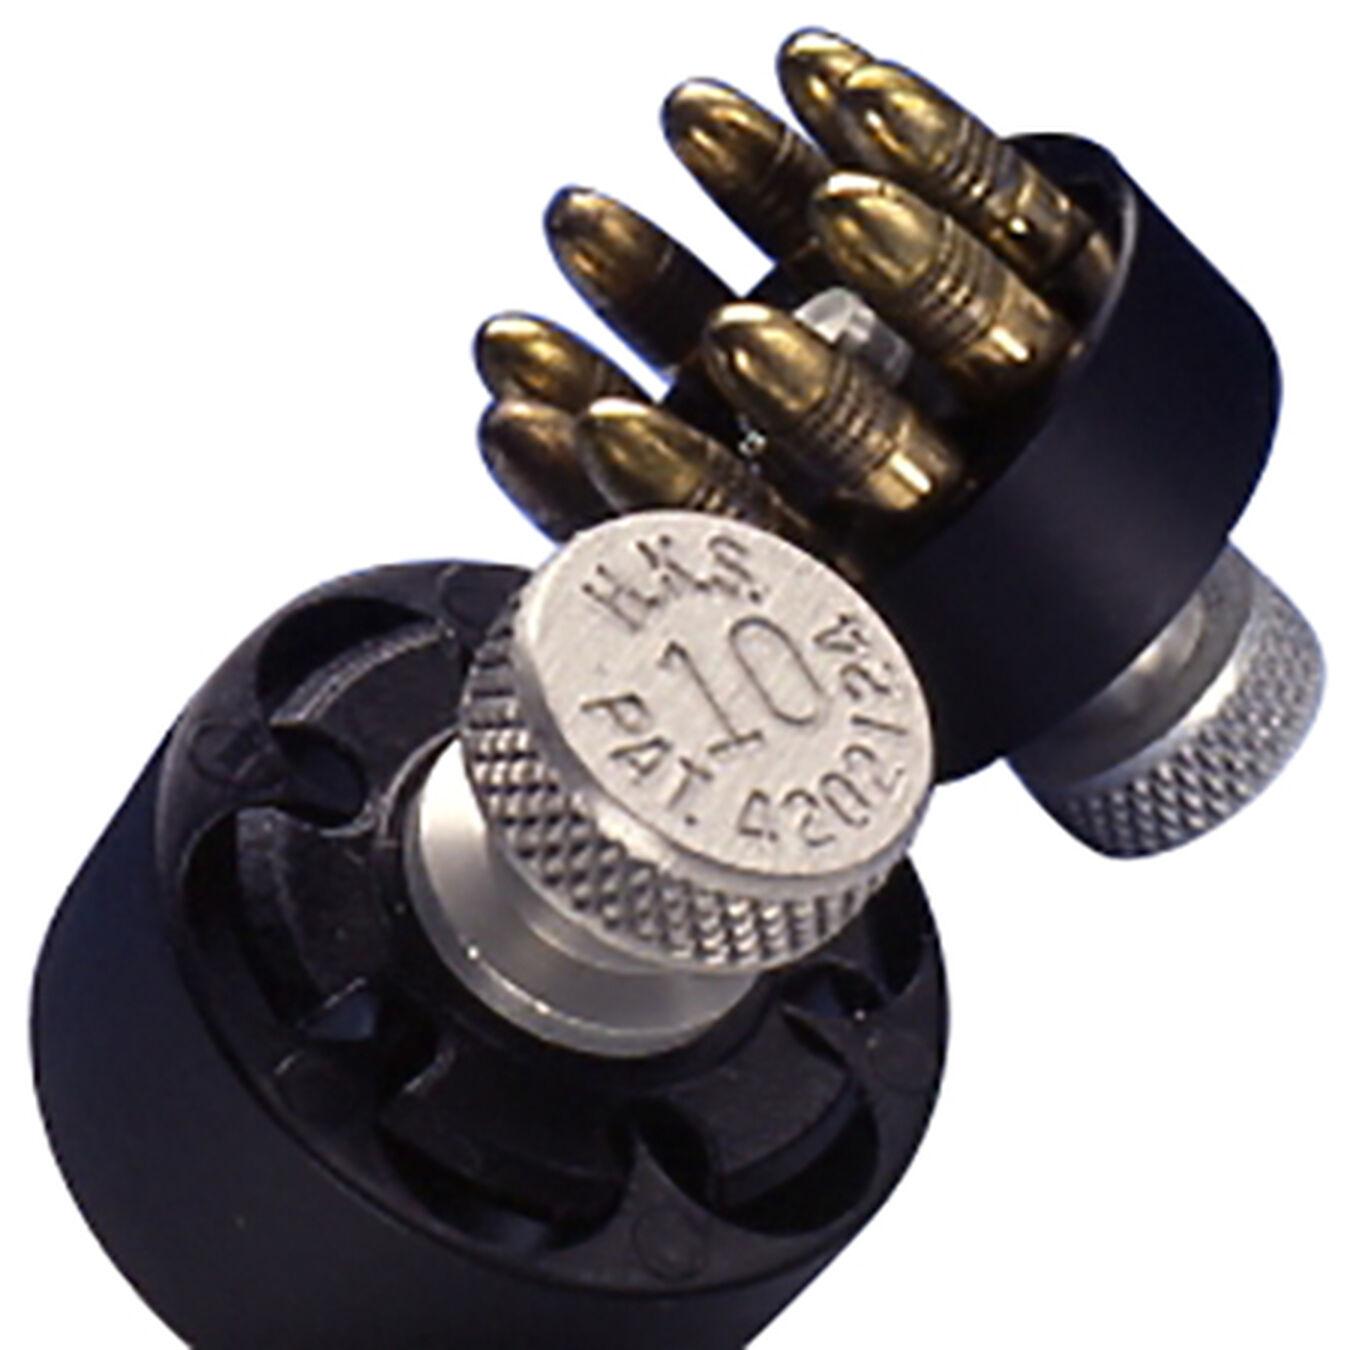 HKS Revolver Speedloader #.02 Count 10-A